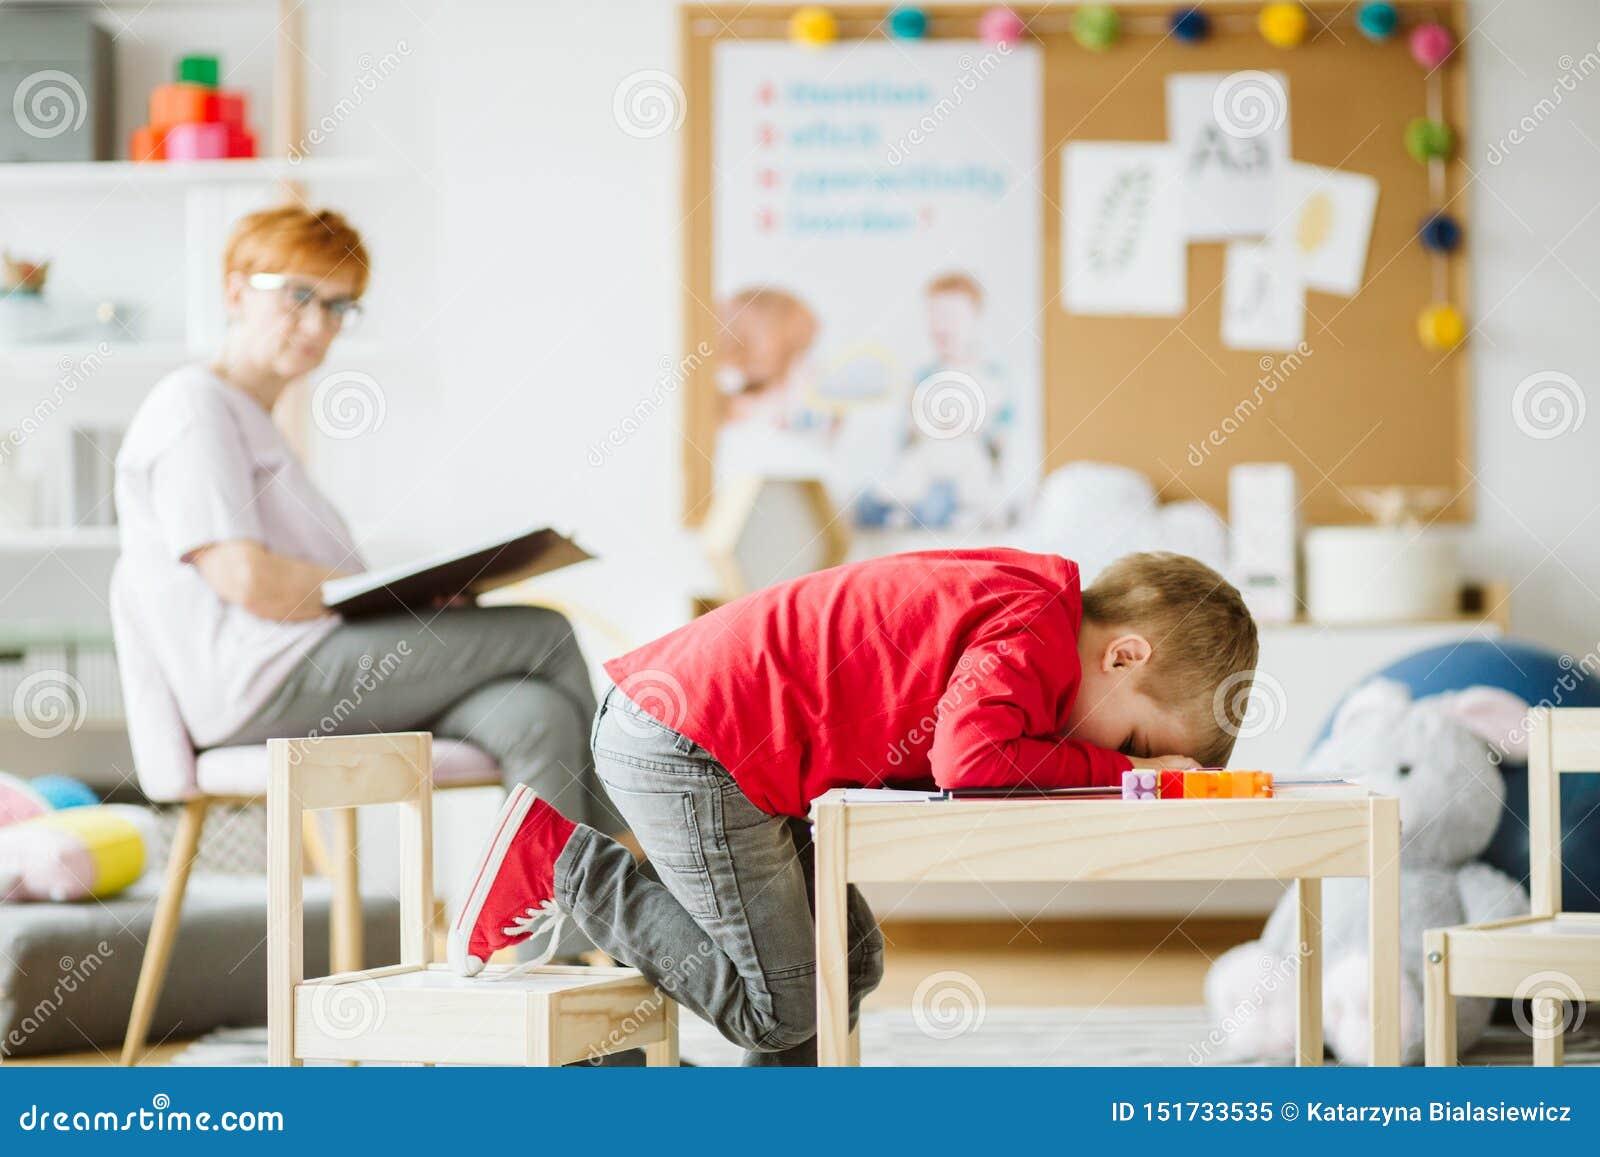 Leuk weinig jongen met ADHD tijdens zitting met professionele therapeut